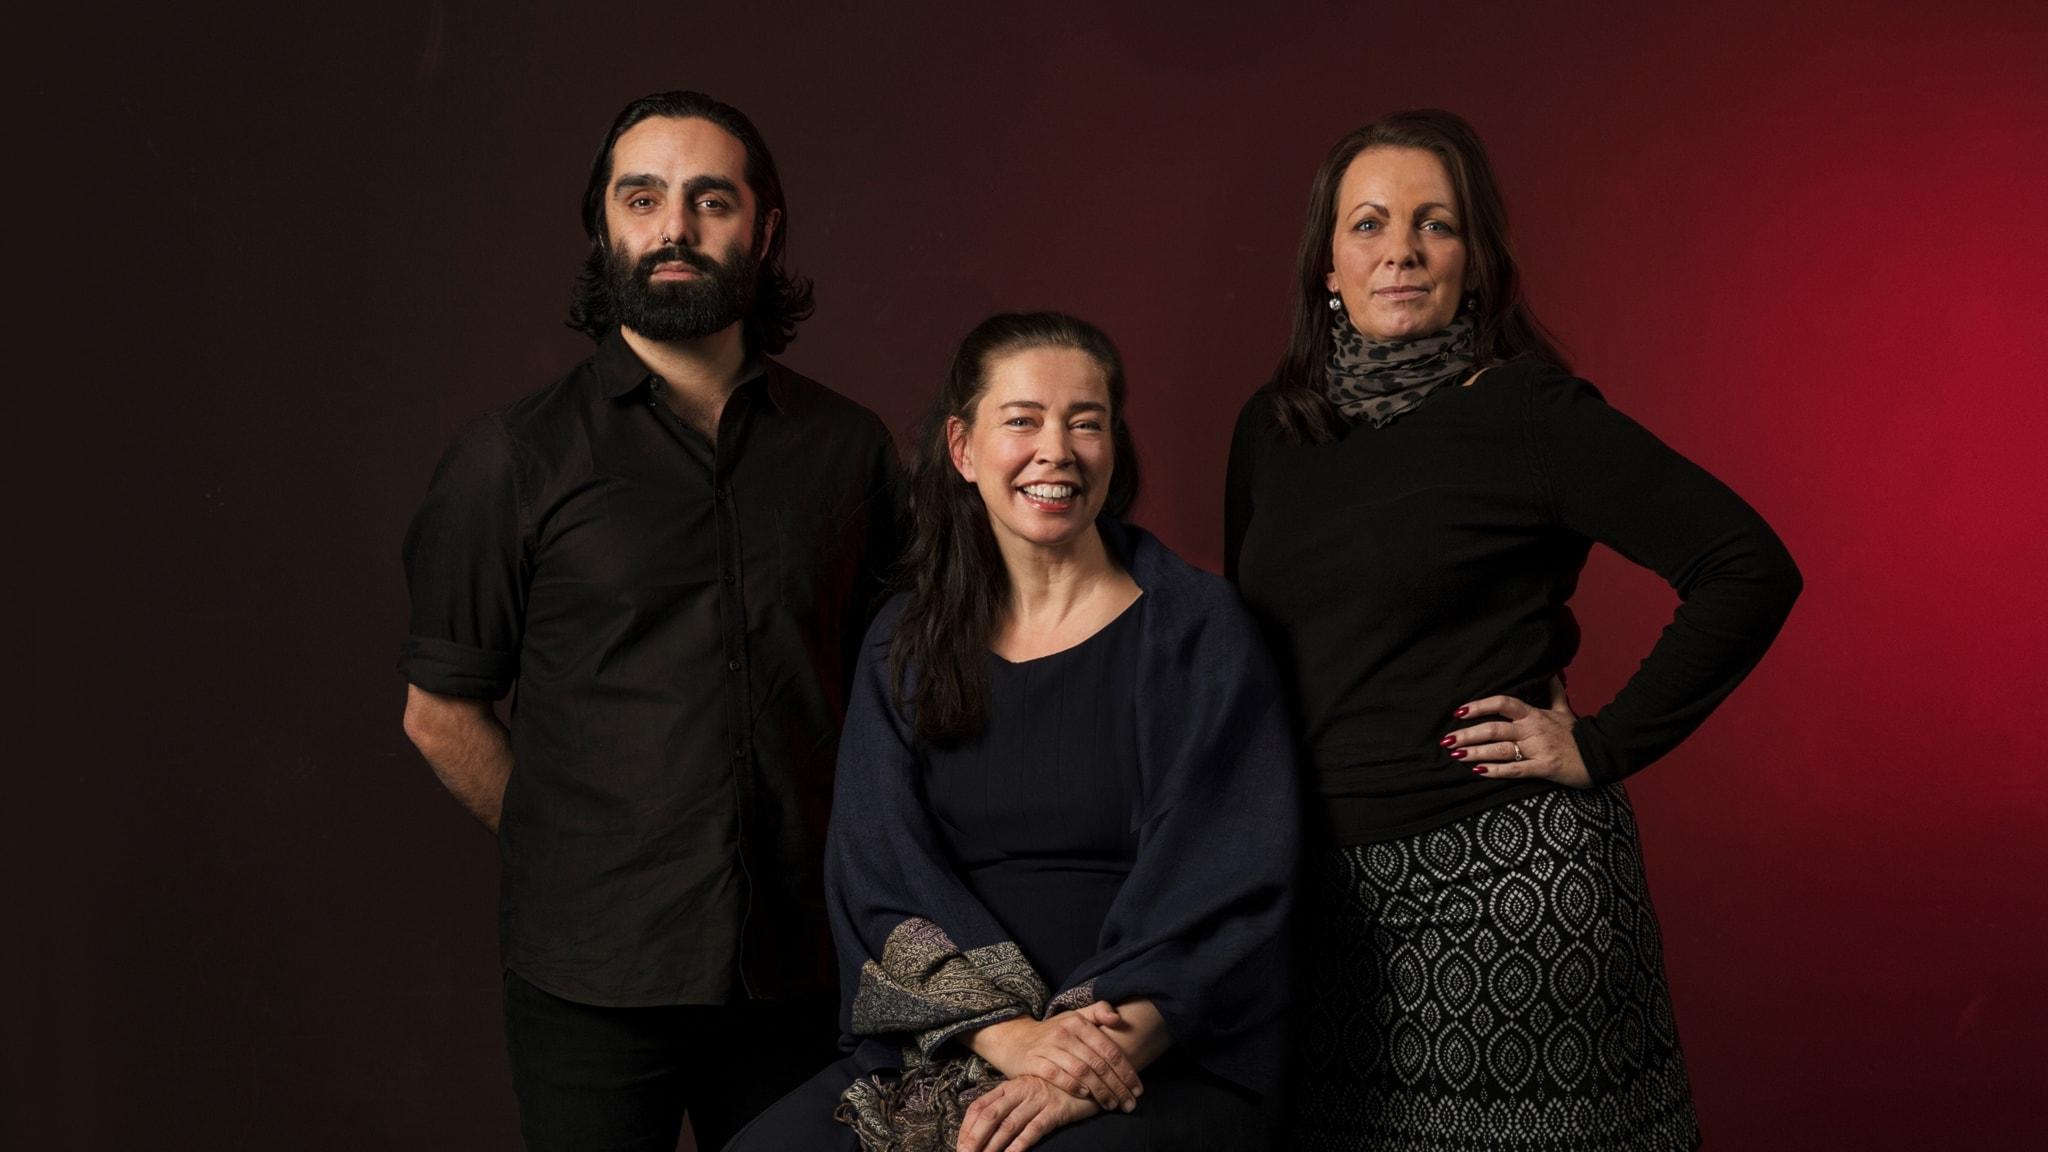 Navid Modiri, Katarina Wennstam och Marie bokcirklar tillsammans med er lyssnare kring Tjänarinnans berättelse.